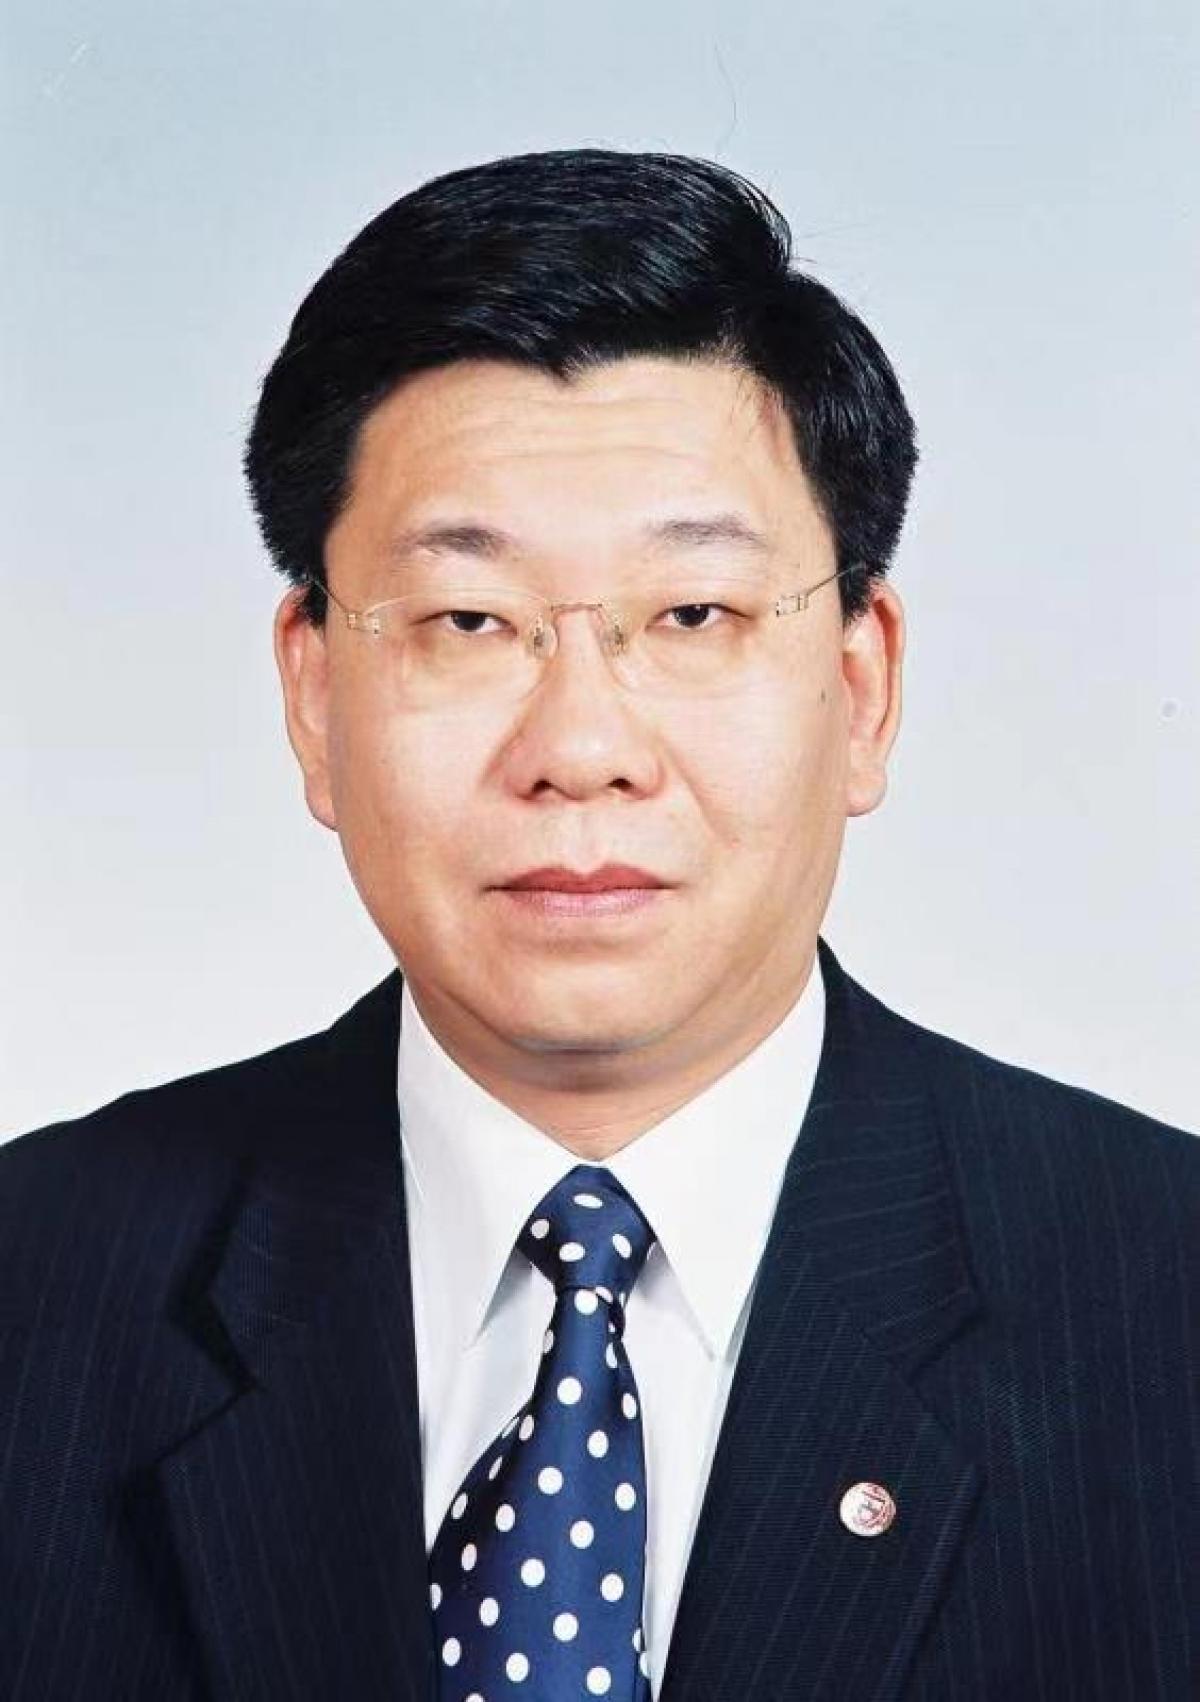 Ông Hàn Phương Minh, Phó Chủ nhiệm Ủy ban Đối ngoại Chính hiệp toàn quốc Trung Quốc. Ảnh: nhân vật cung cấp.